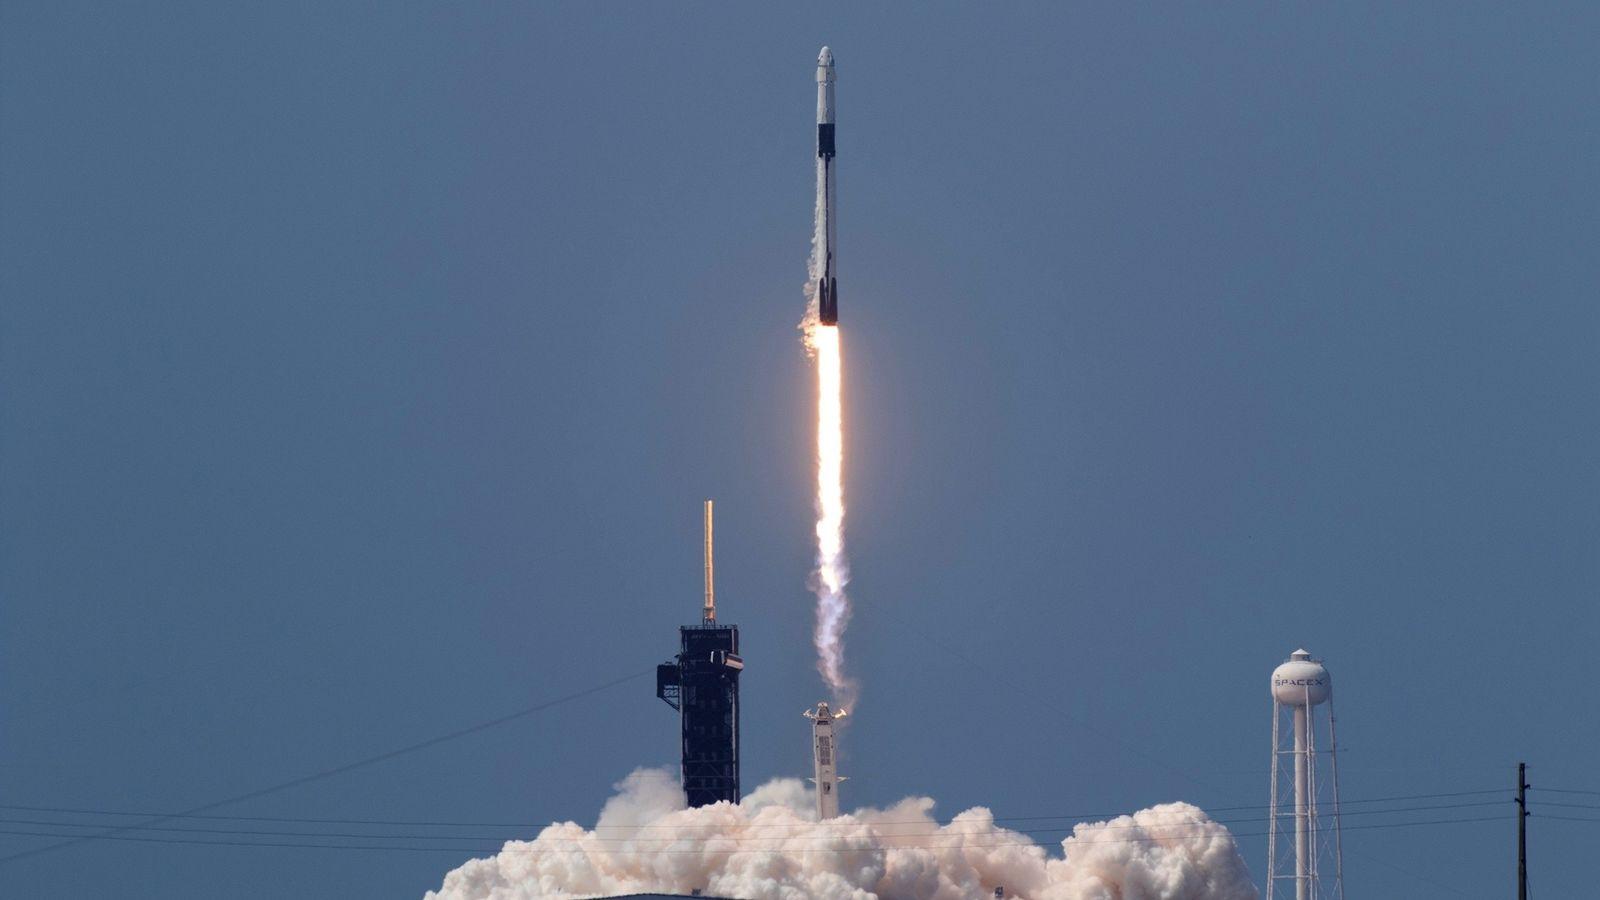 Un cohete SpaceX Falcon 9 despega del Centro Espacial Kennedy de la NASA en Florida conlos ...